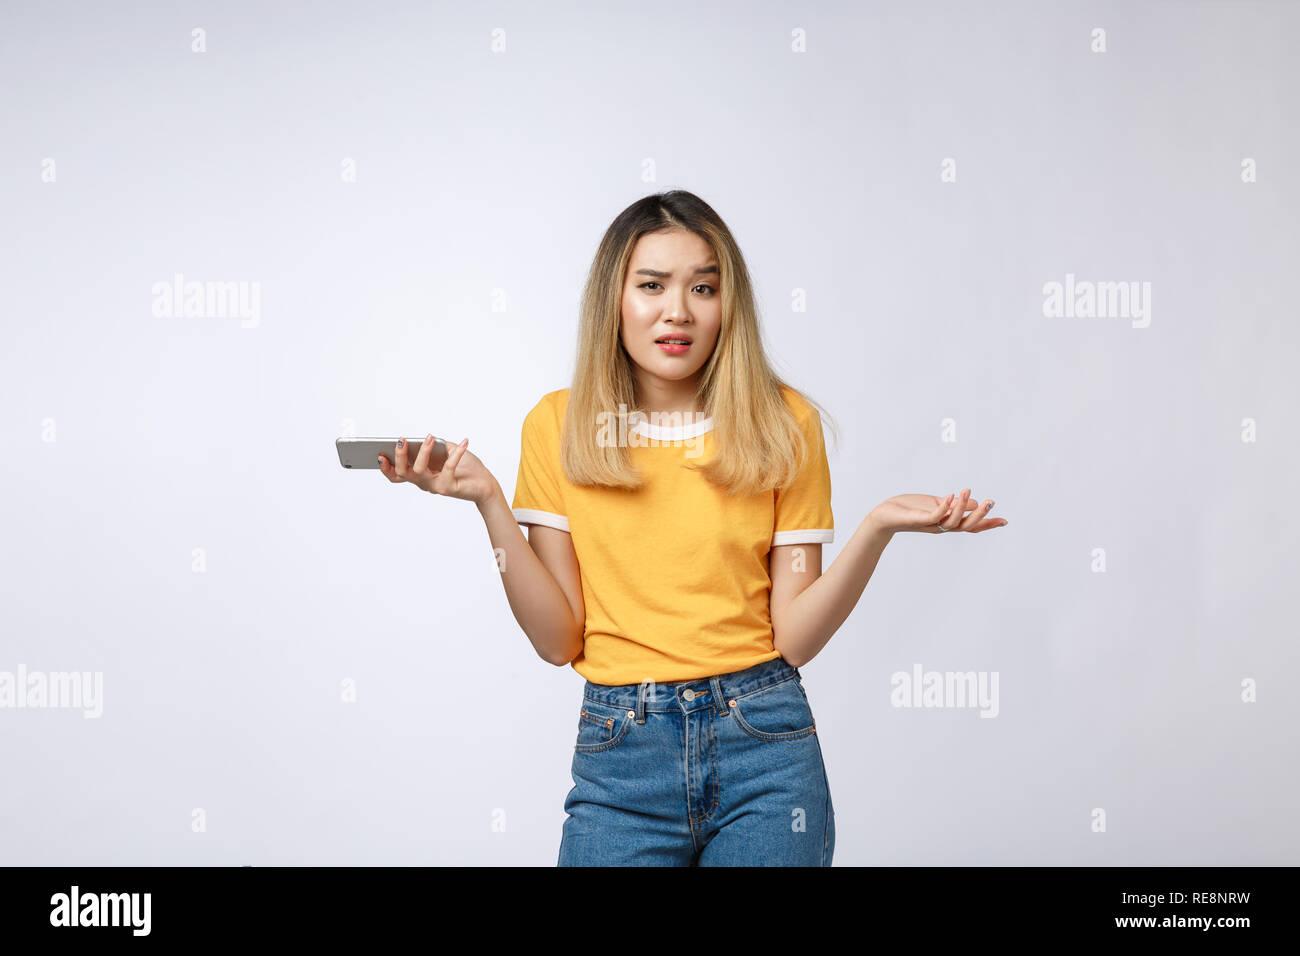 Asia girl nrw